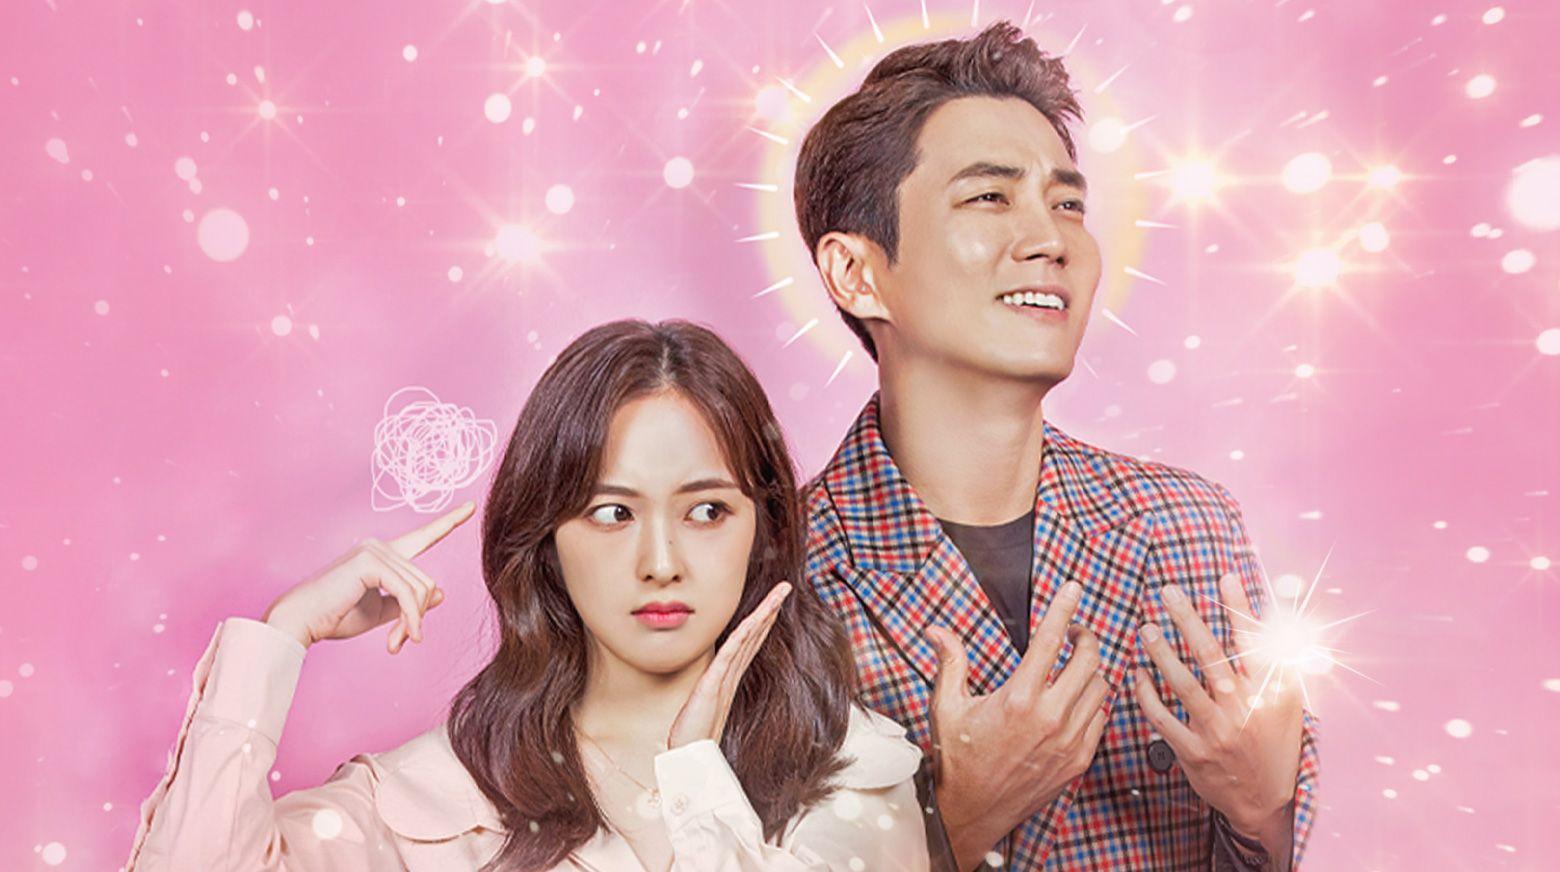 بهترین و محبوب ترین سریال های کره ای عاشقانه و کمدی  - لمس